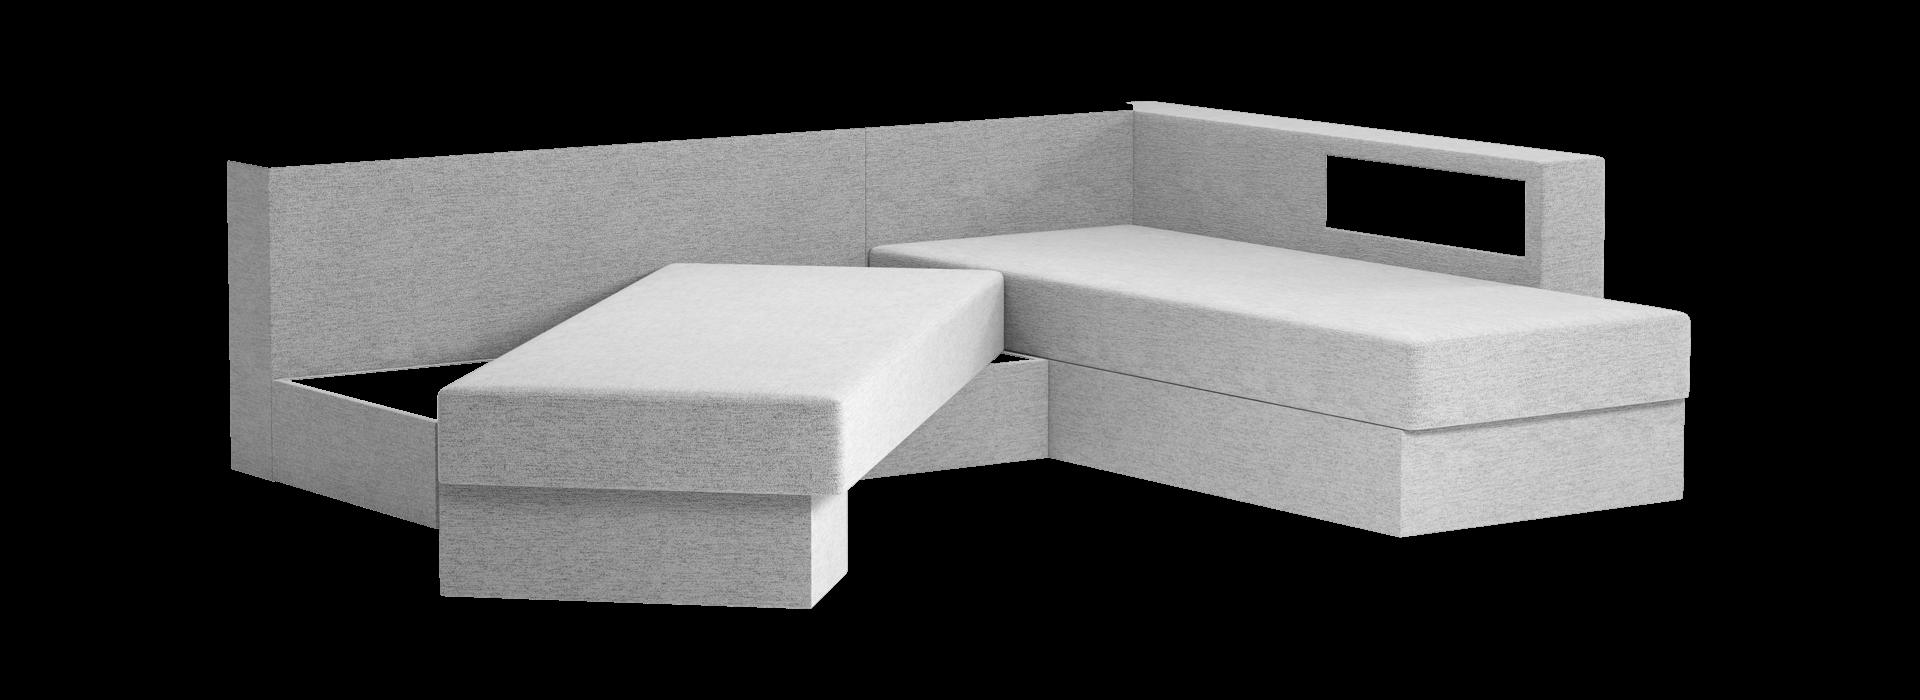 Кешет-2 кутовий поворотний диван - маска 3